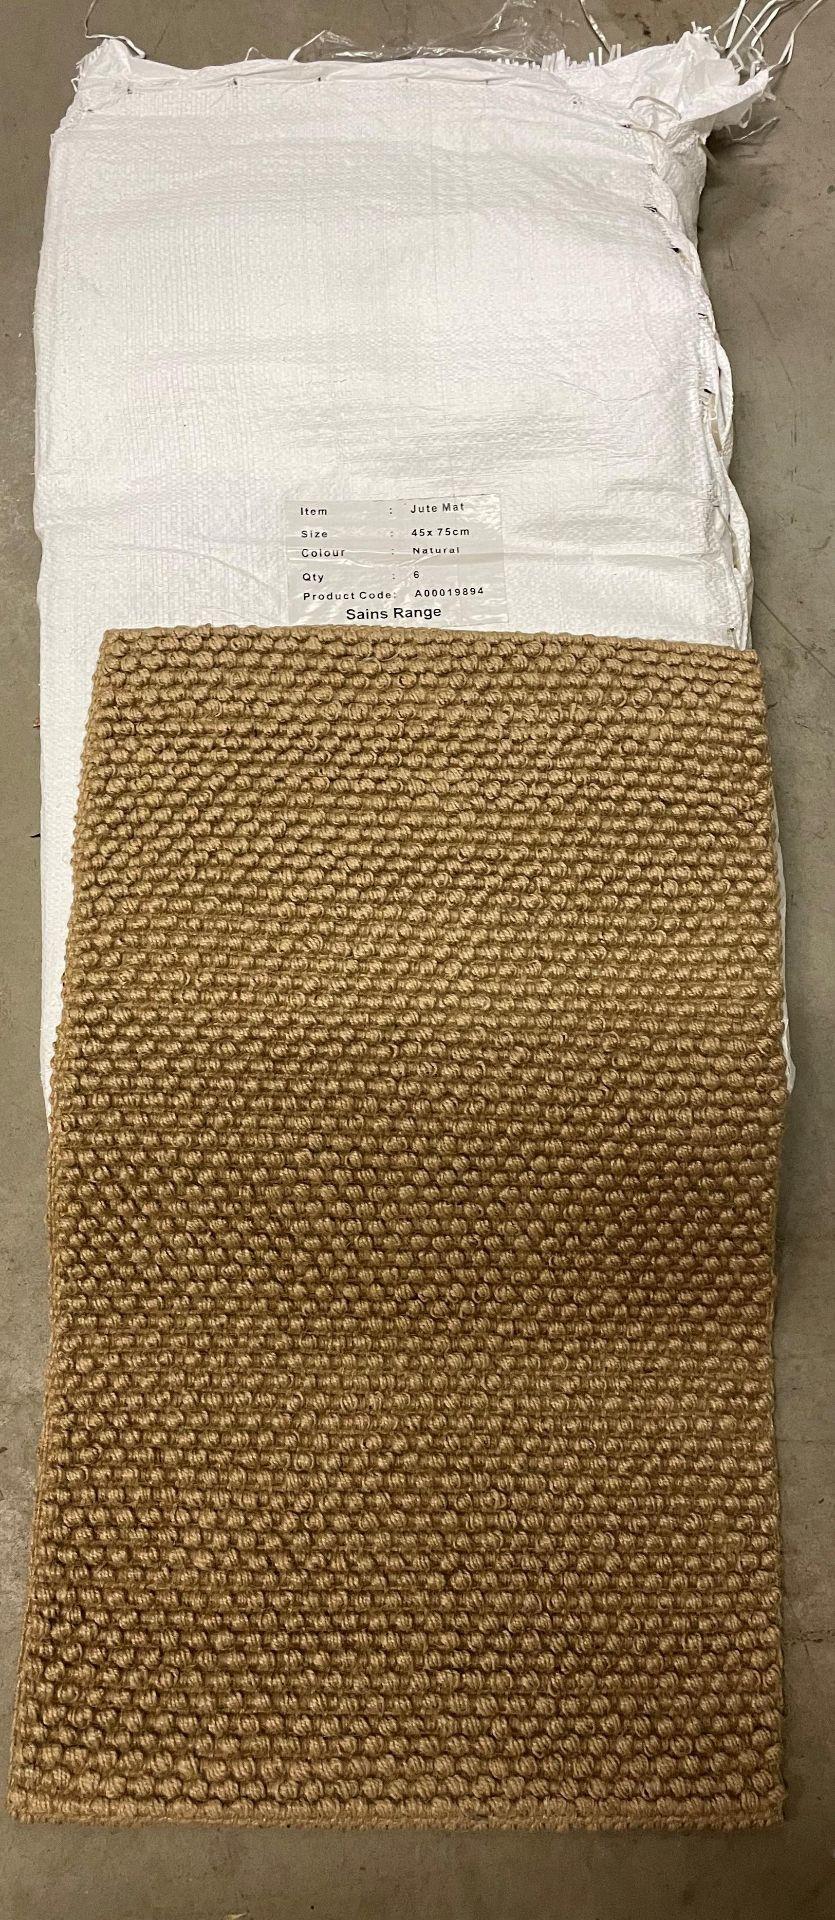 18 x Natural Jute mats 45 x 75cm (3 x outer packs)